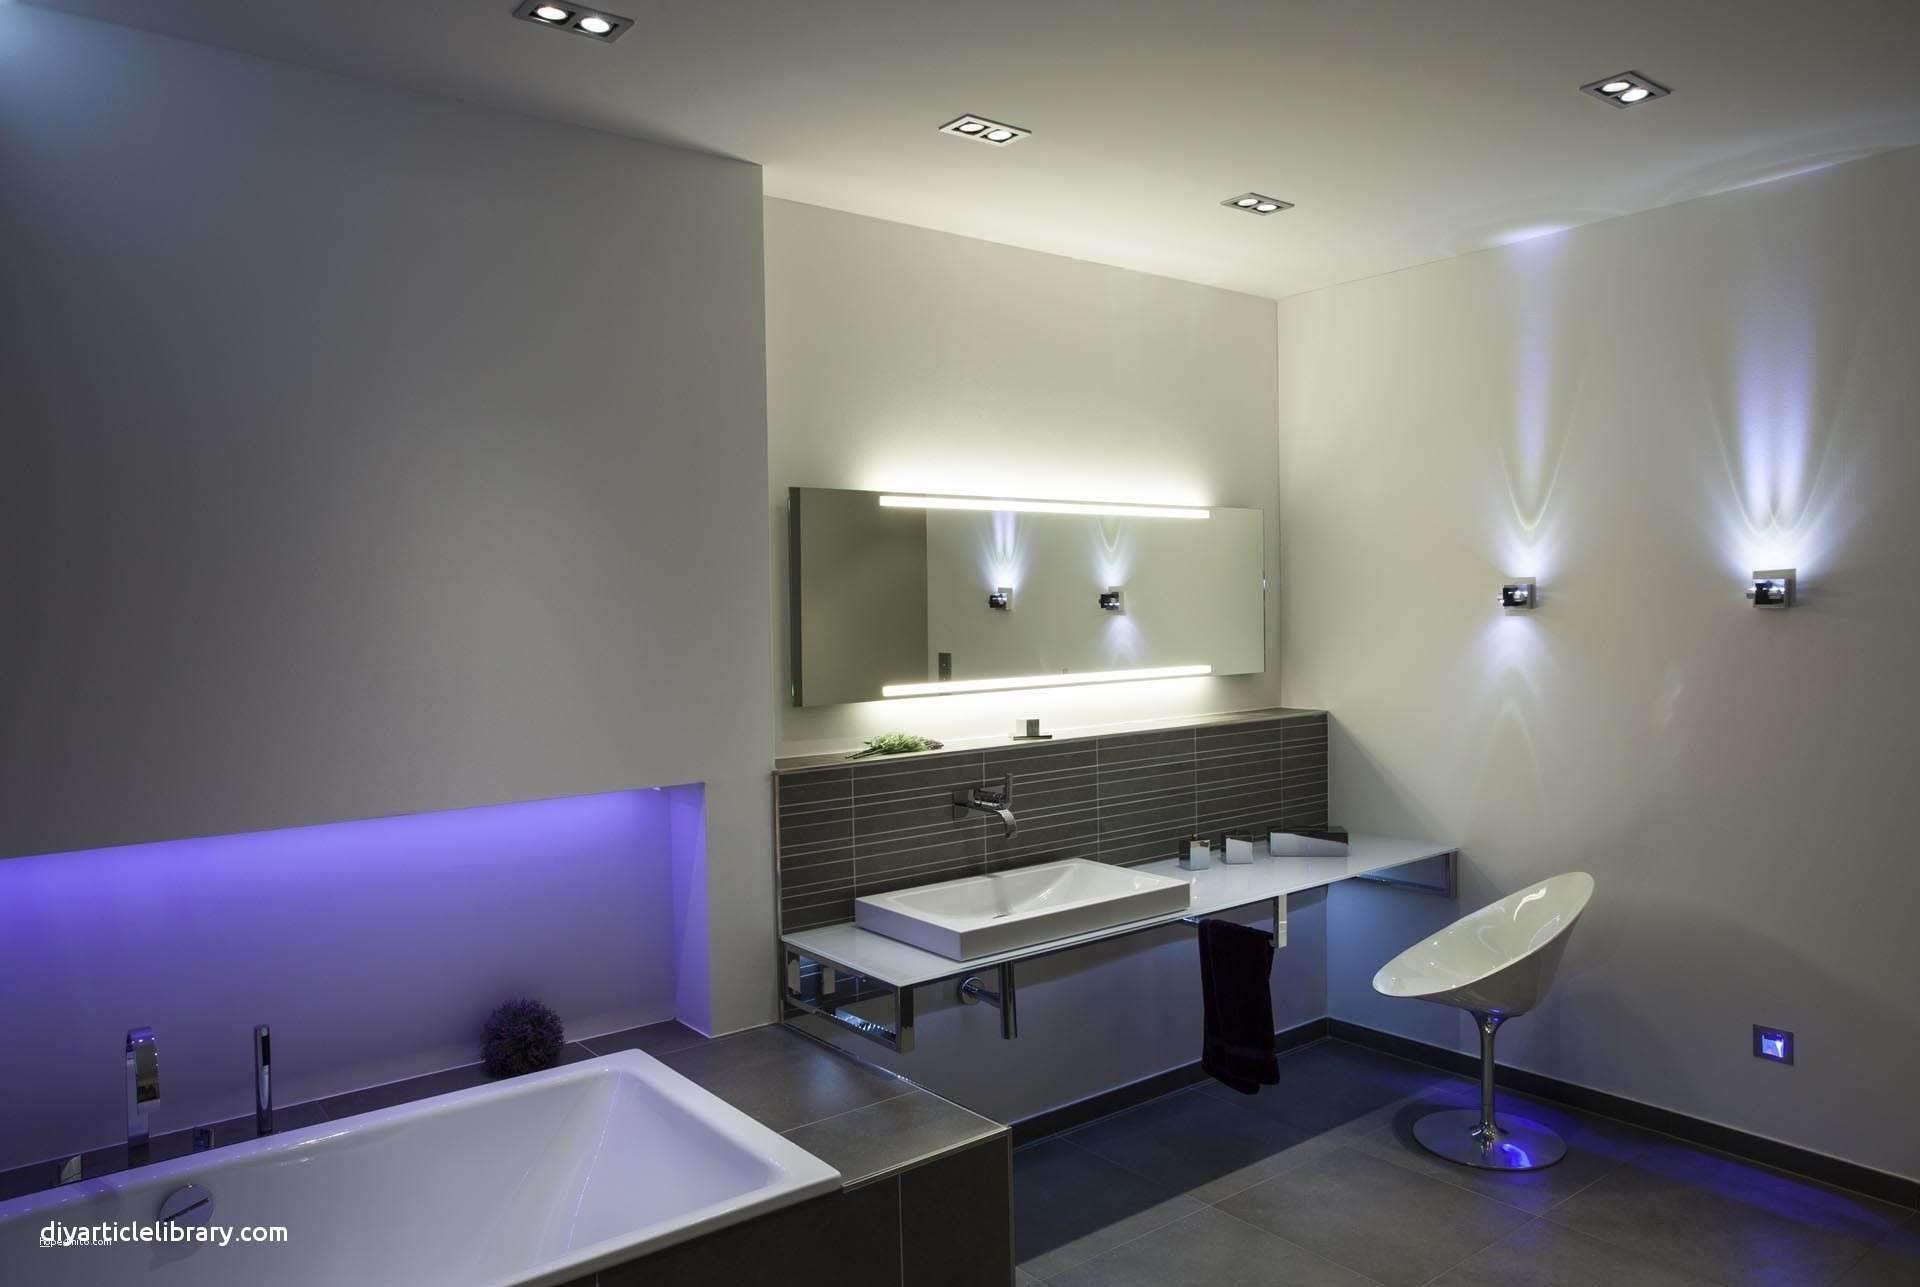 wohnzimmer diy luxus licht beton better badezimmer licht ideen luxus wohnzimmer of wohnzimmer diy